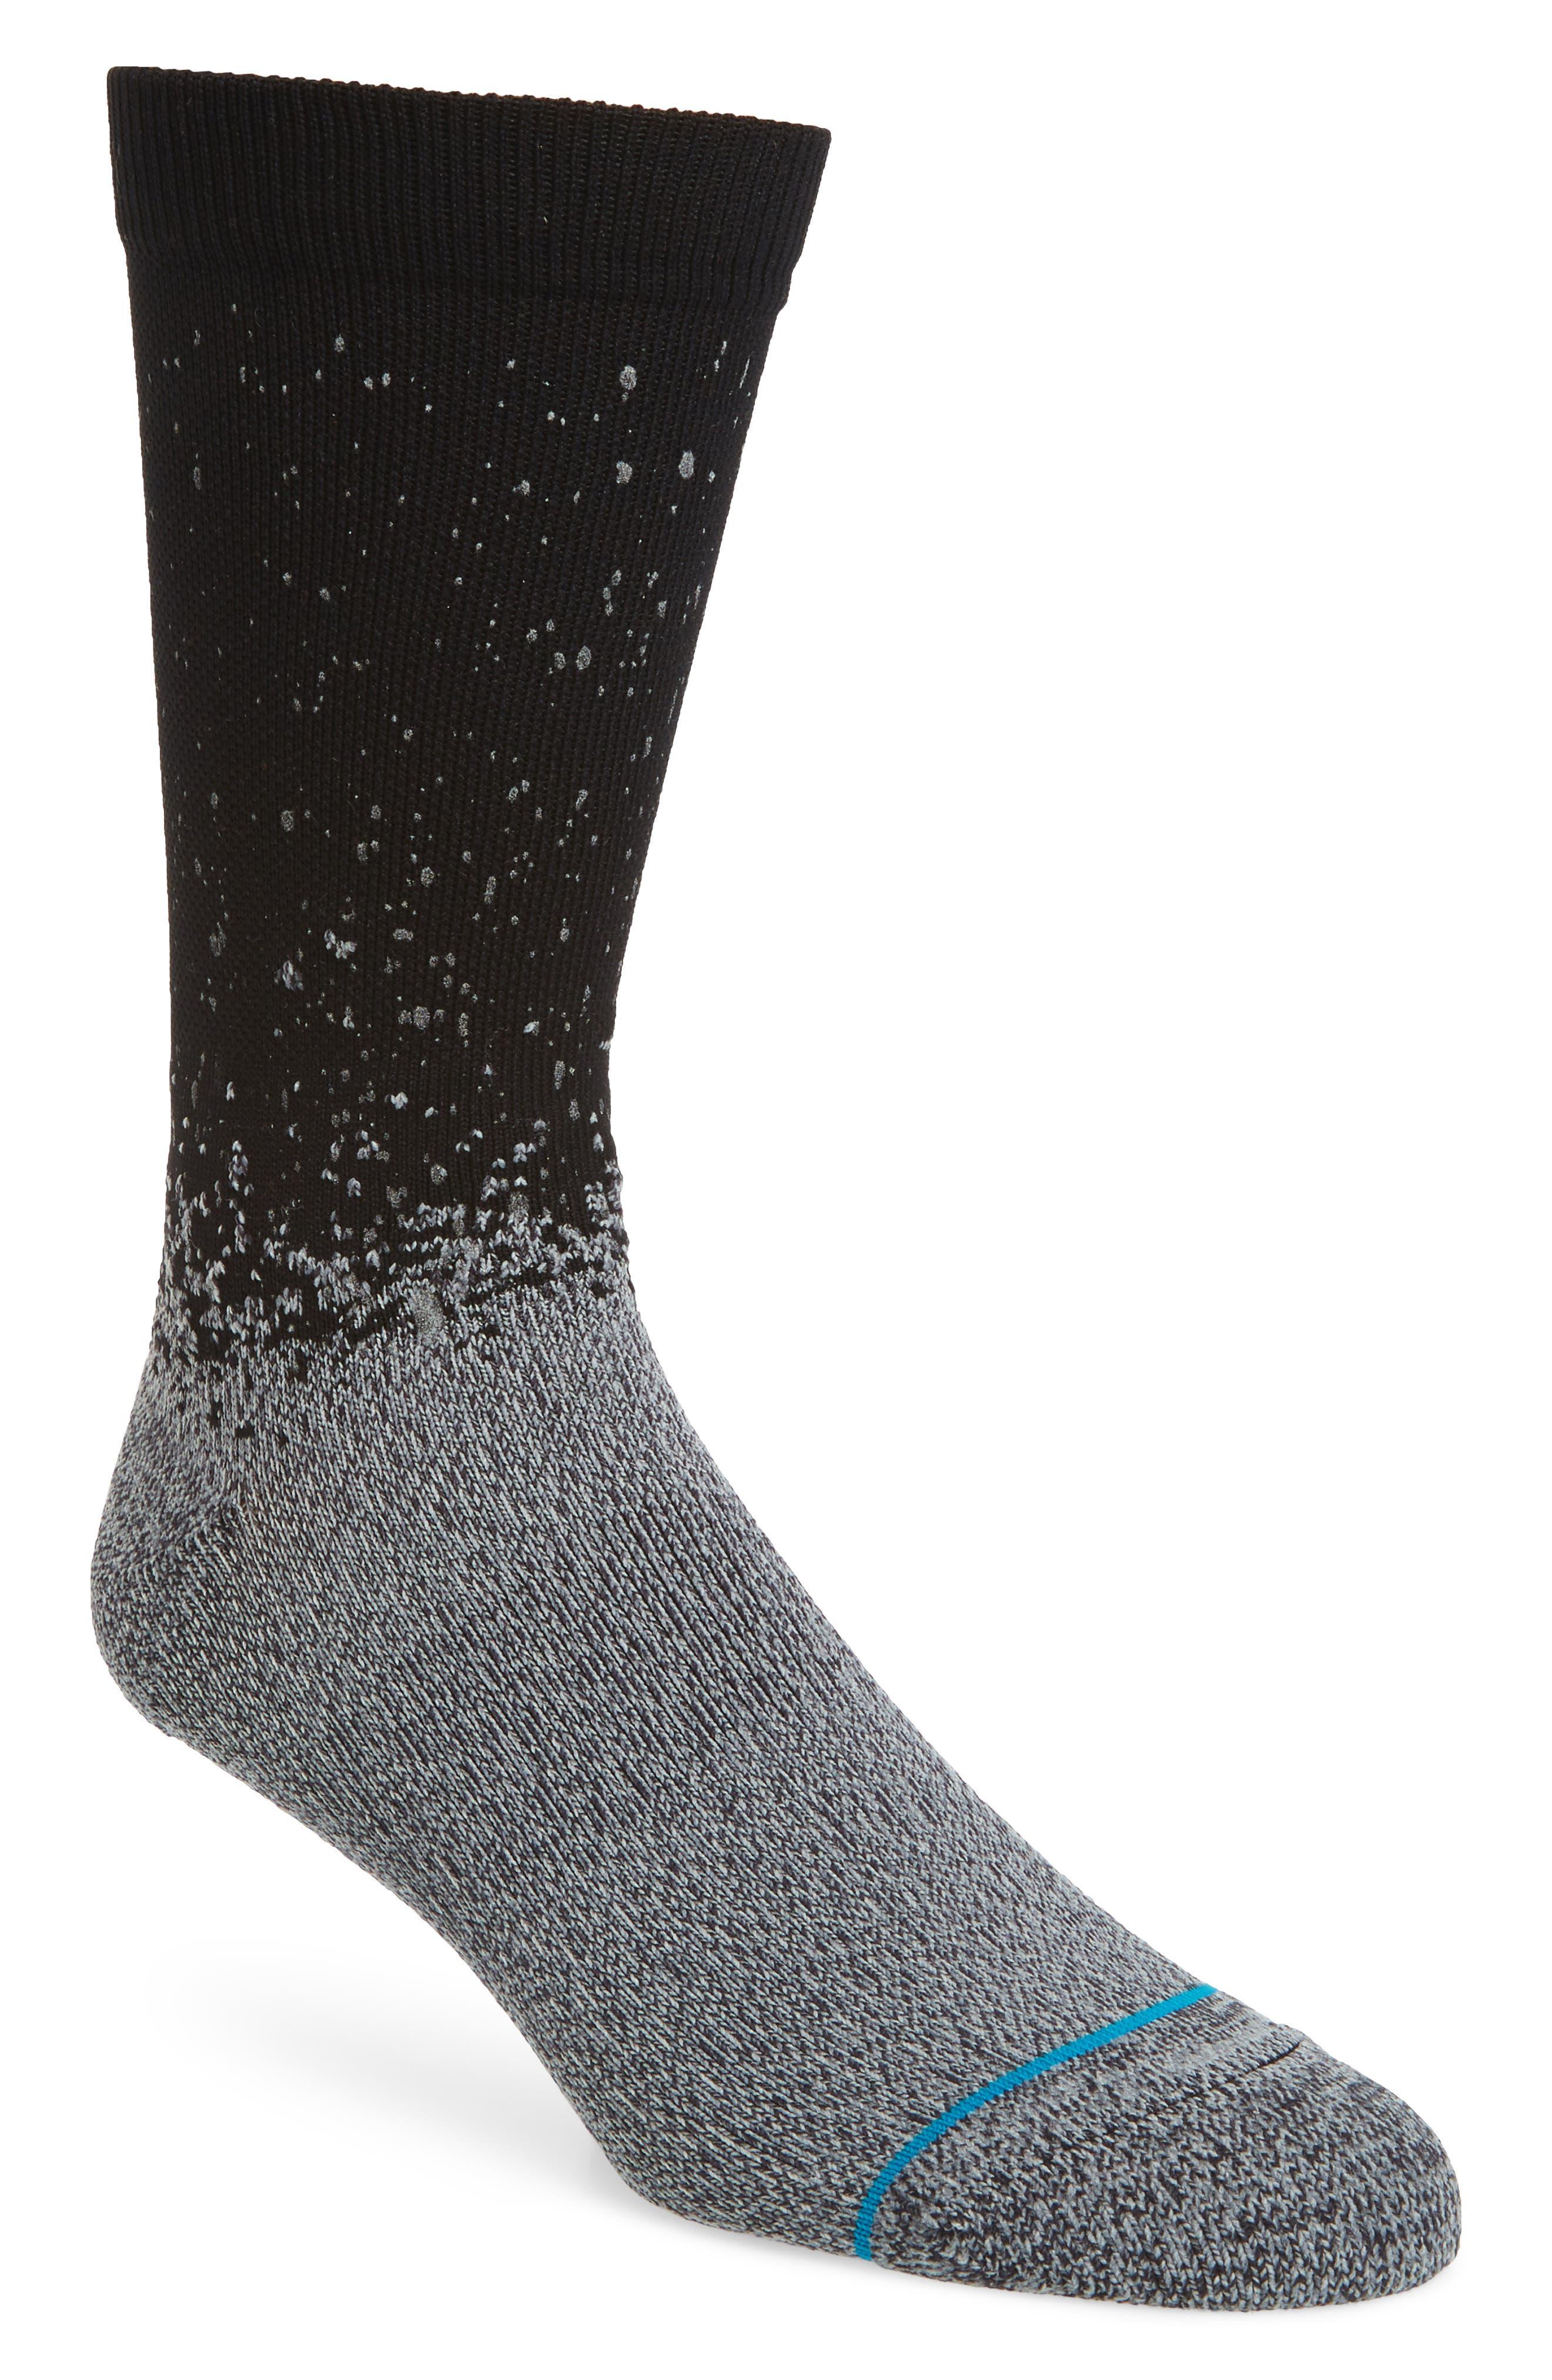 Spek Socks,                         Main,                         color, BLACK